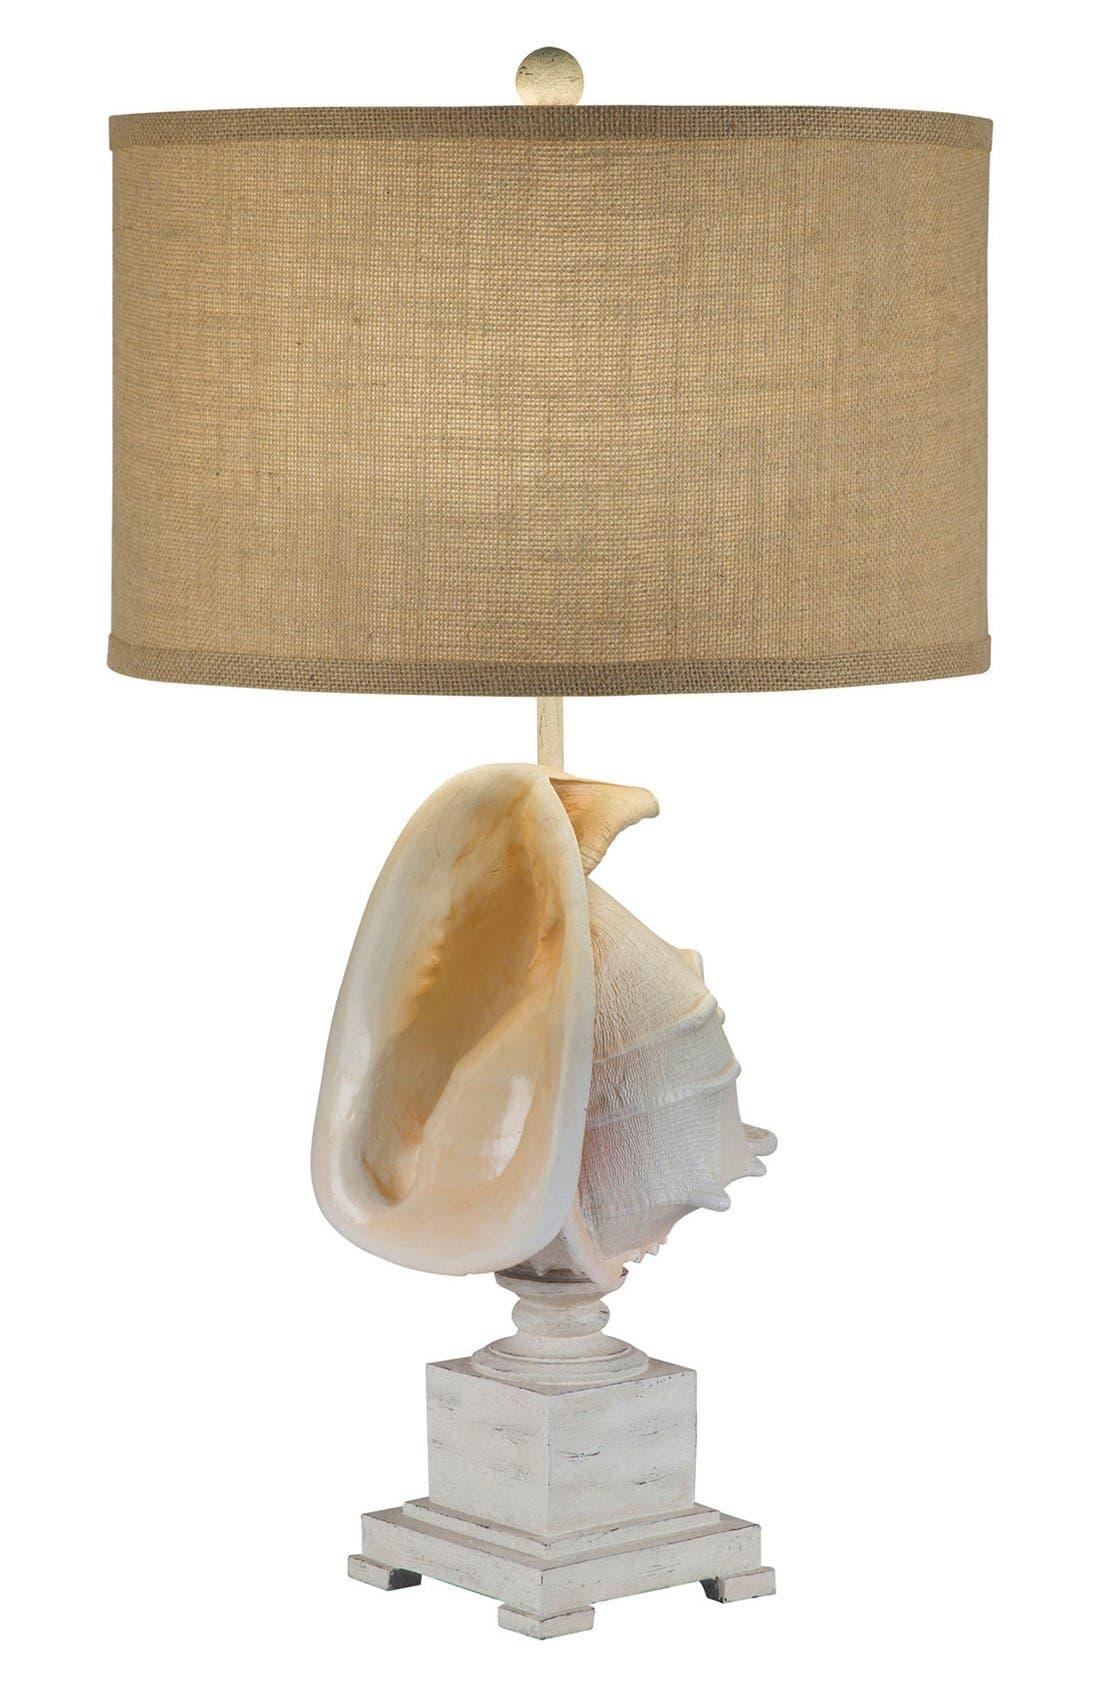 Alternate Image 1 Selected - JAlexander Whitewash Shell Table Lamp